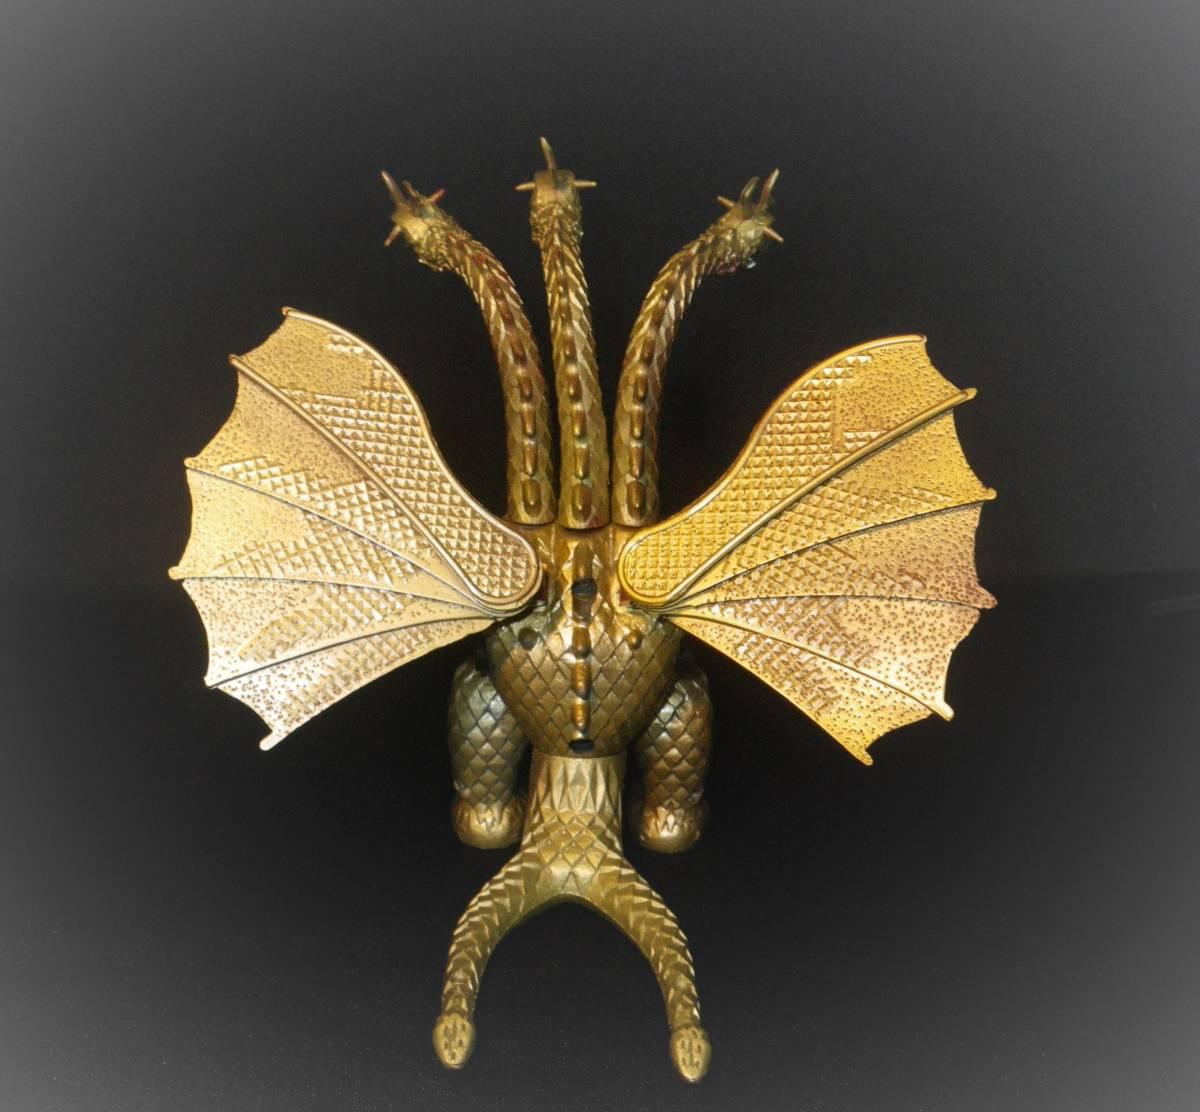 【キングギドラ】 ブルマァク製 ブルペットZ合金 ジンクロン 1970年代 東宝 おもちゃ_画像3